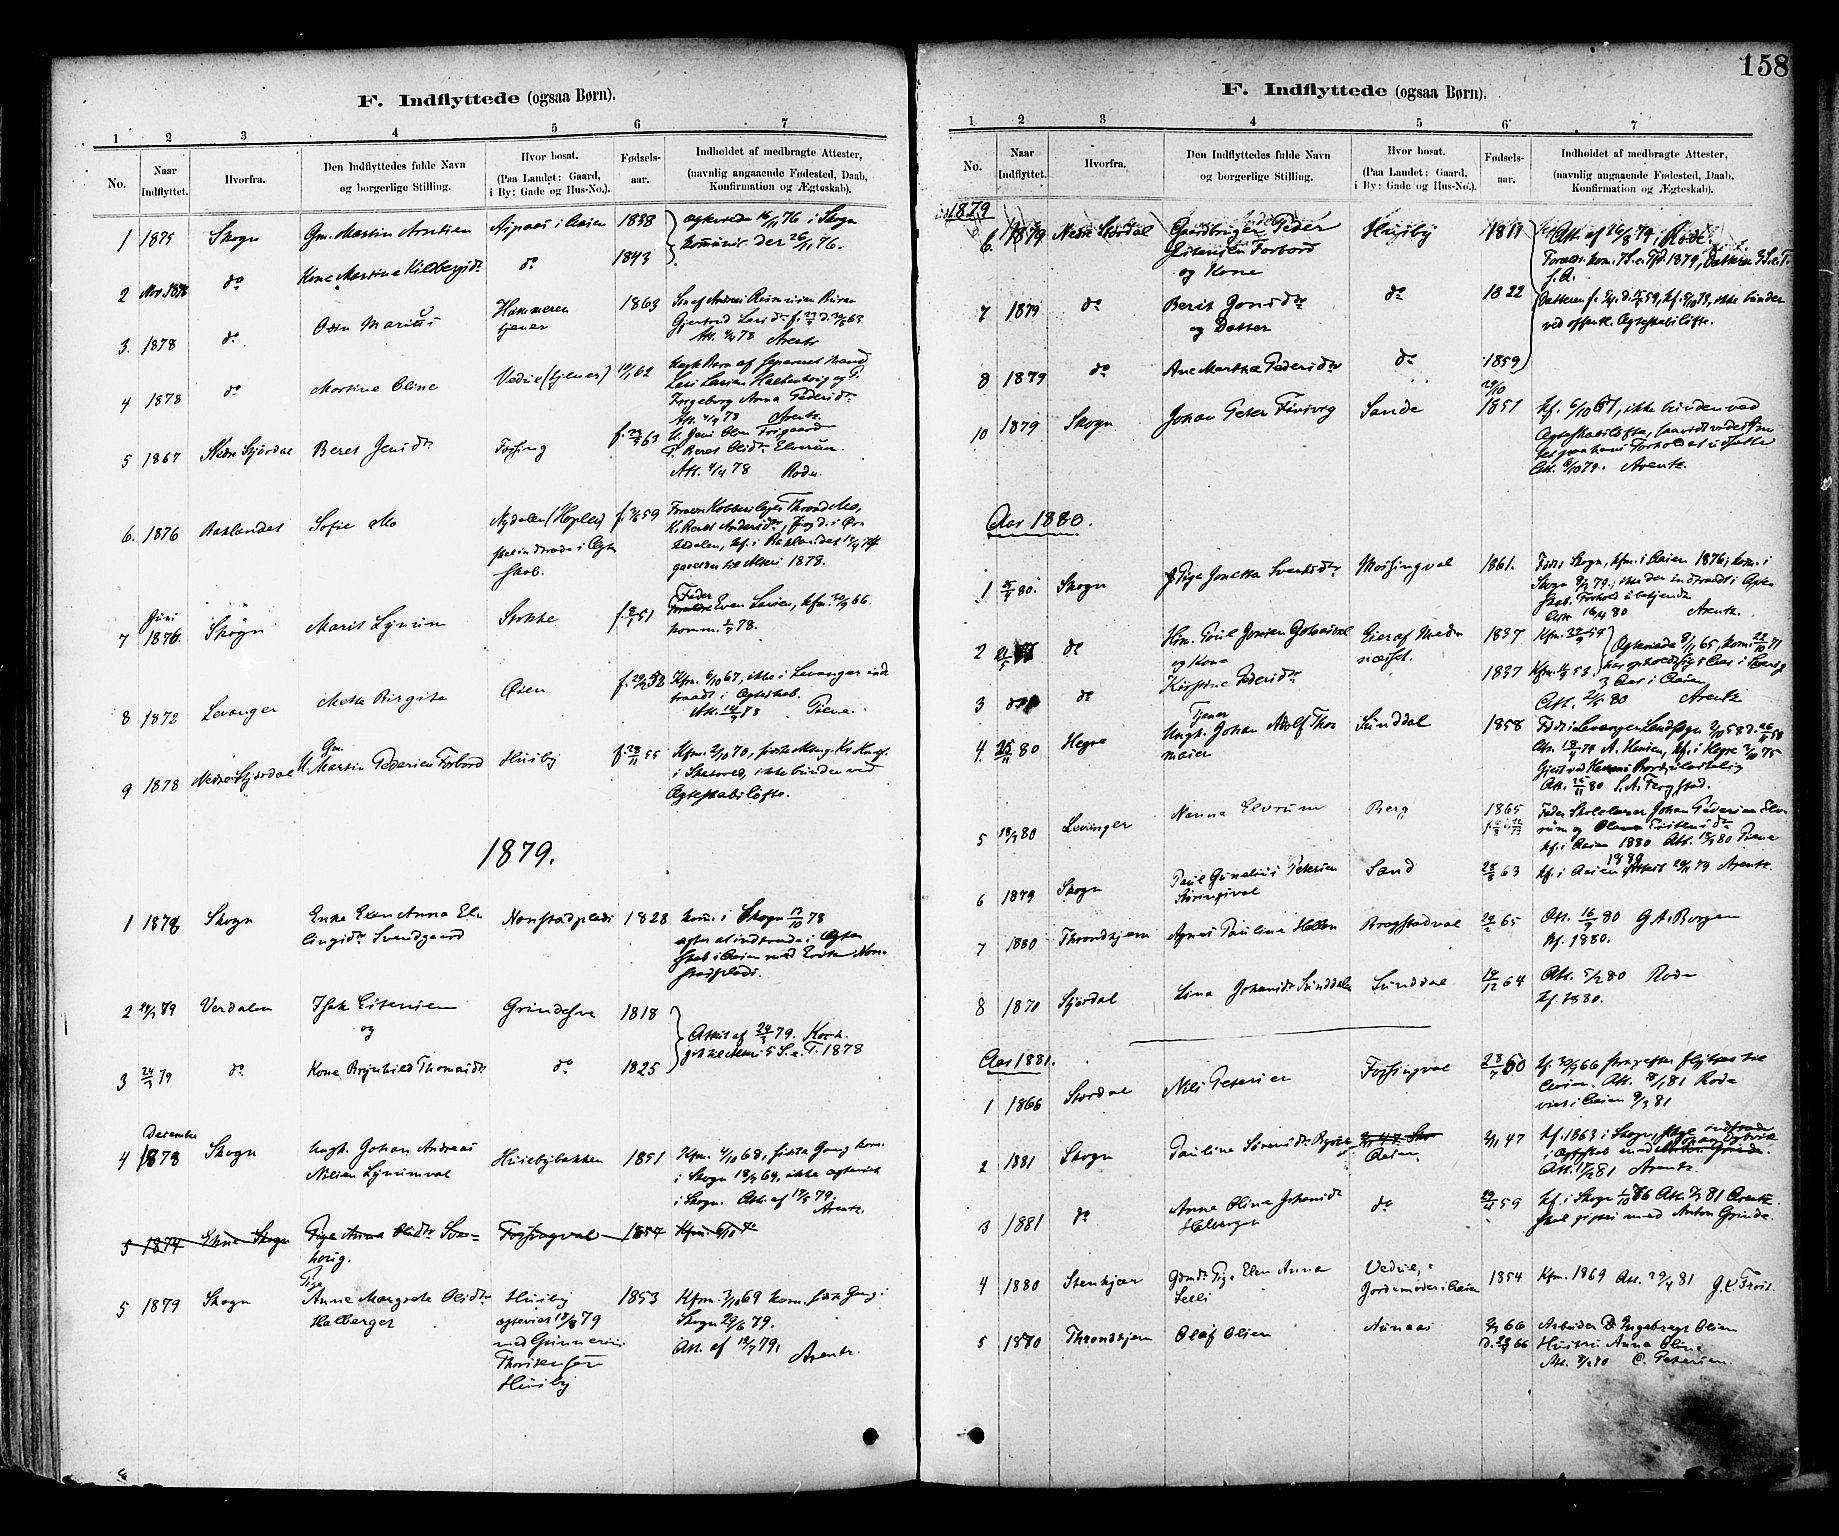 SAT, Ministerialprotokoller, klokkerbøker og fødselsregistre - Nord-Trøndelag, 714/L0130: Ministerialbok nr. 714A01, 1878-1895, s. 158